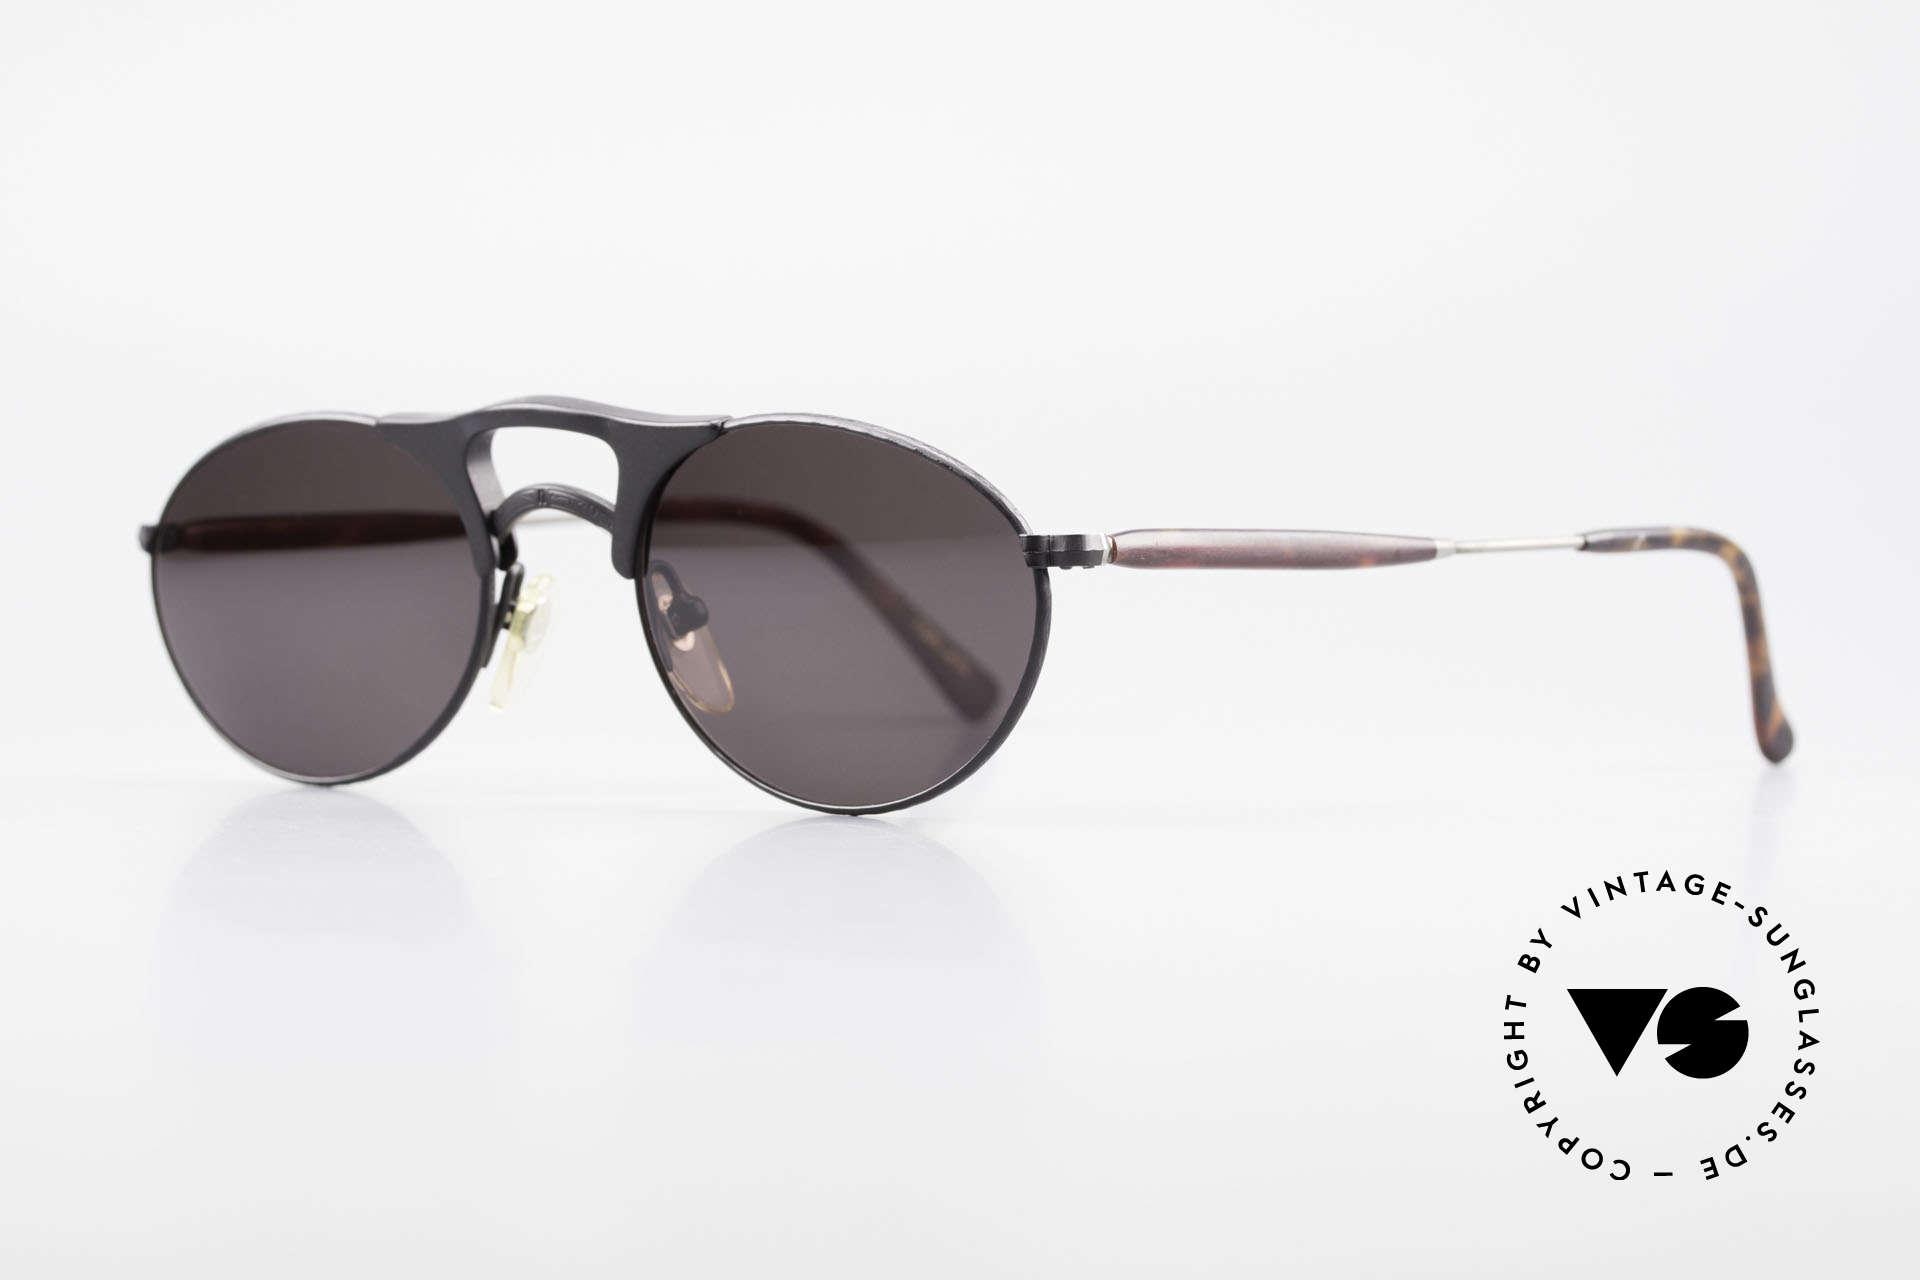 Matsuda 2820 Small Aviator Style Brille 90er, verkörpert Lifestyle & Qualitätsanspruch gleichermaßen, Passend für Herren und Damen